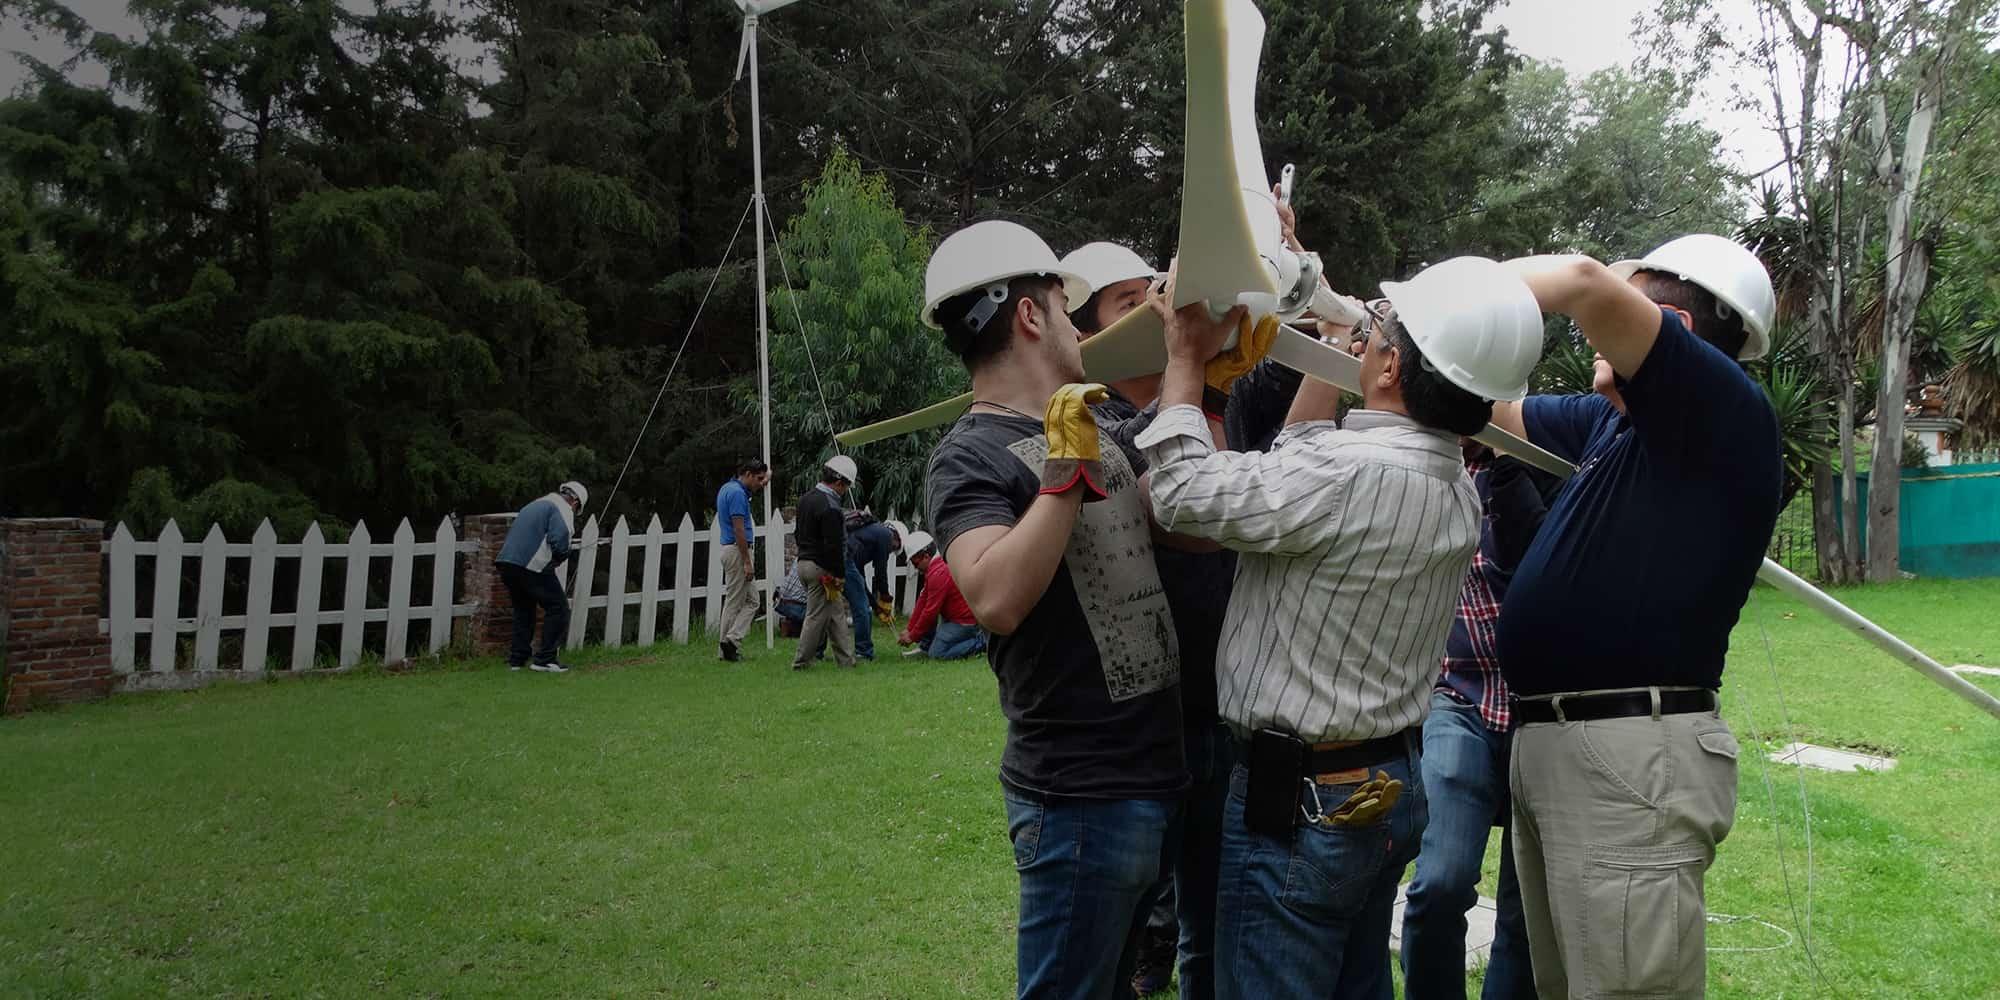 Capacitacion técnica, líder en energías renovables dirigida a personas, comunidades y negocios de México y America latina